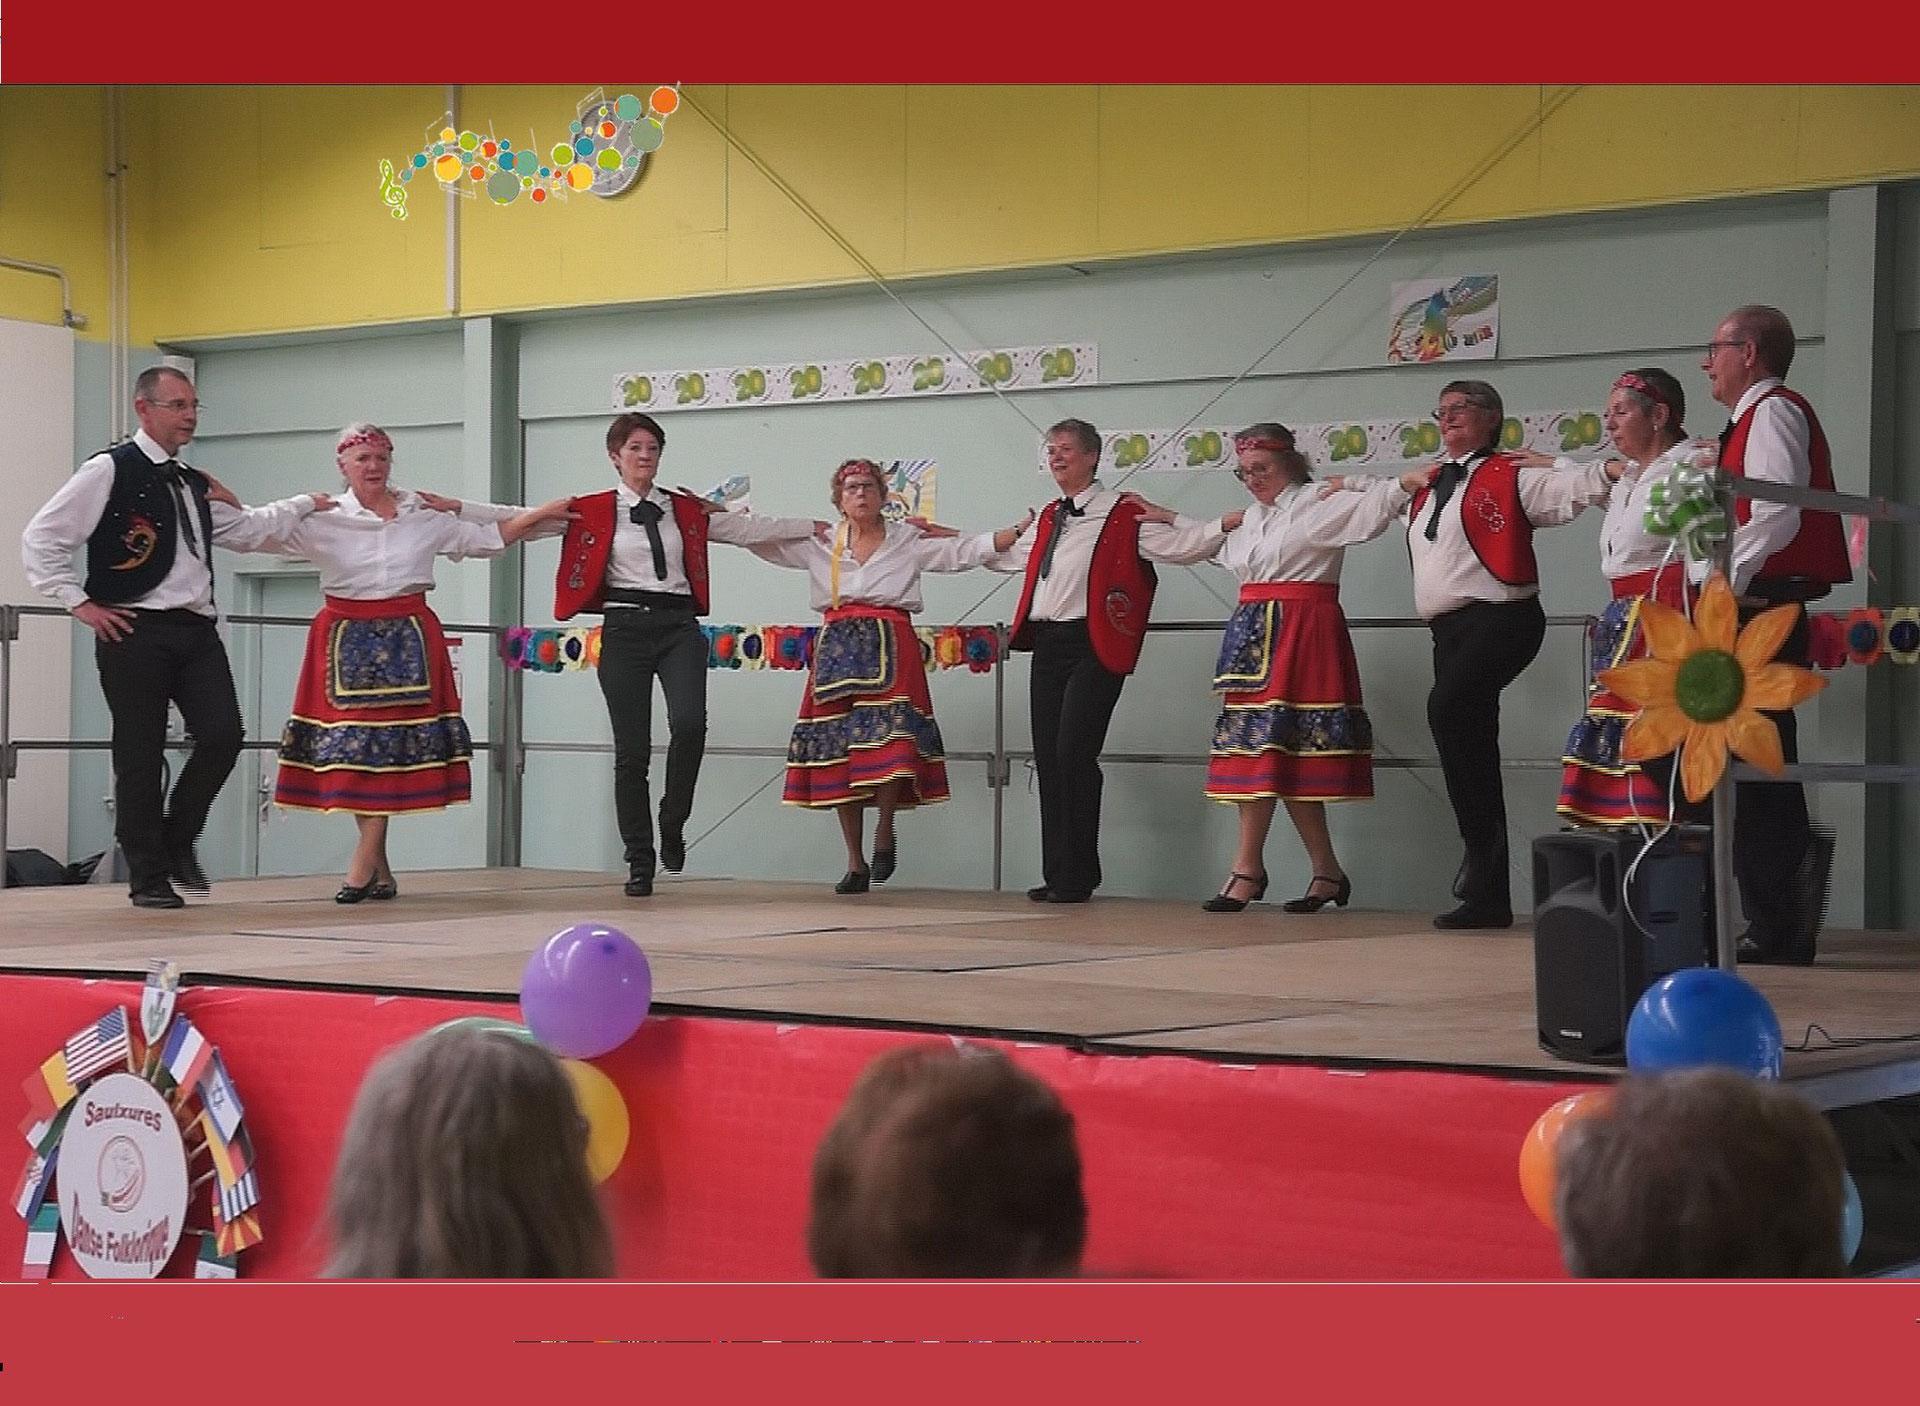 Saulxures Danse Folklorique - Saulxures Danse Folklorique